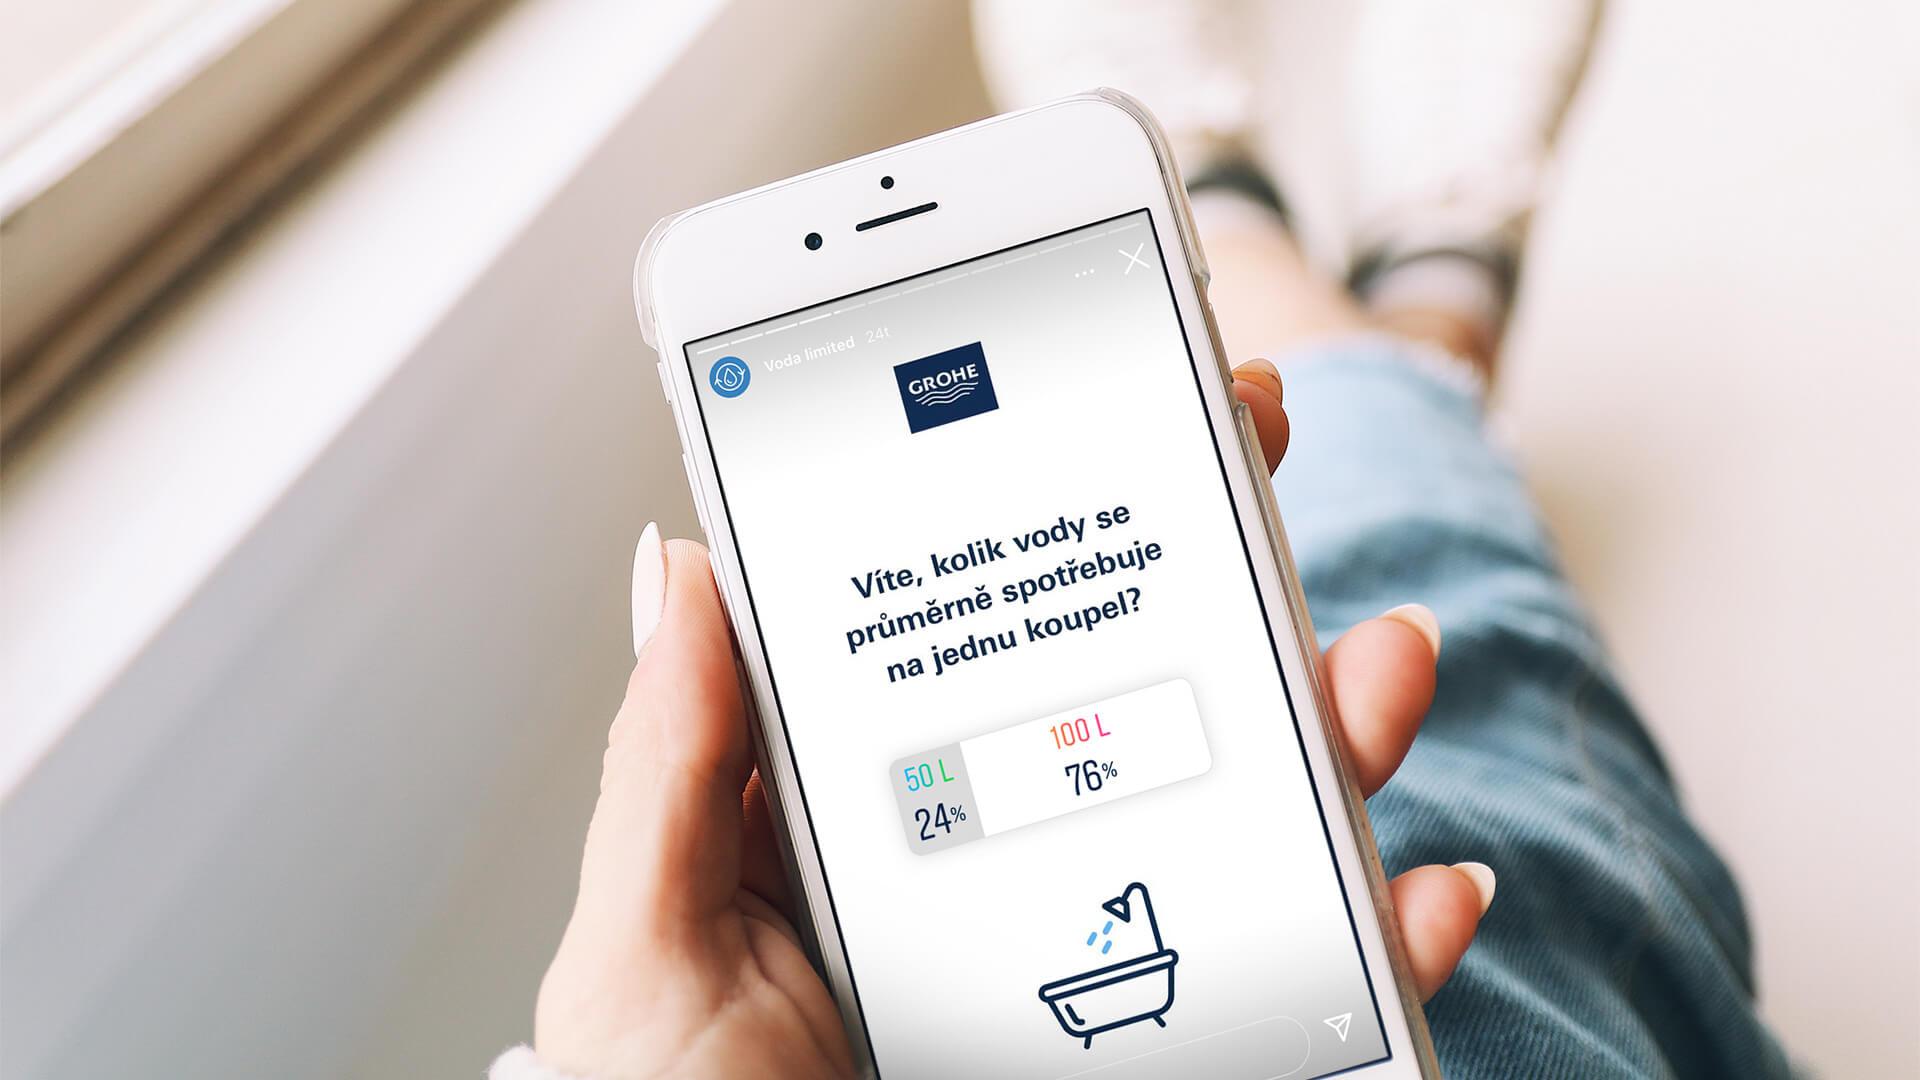 """Fotografie telefonu s interaktivním instagramovým """"story"""" od Grohe"""